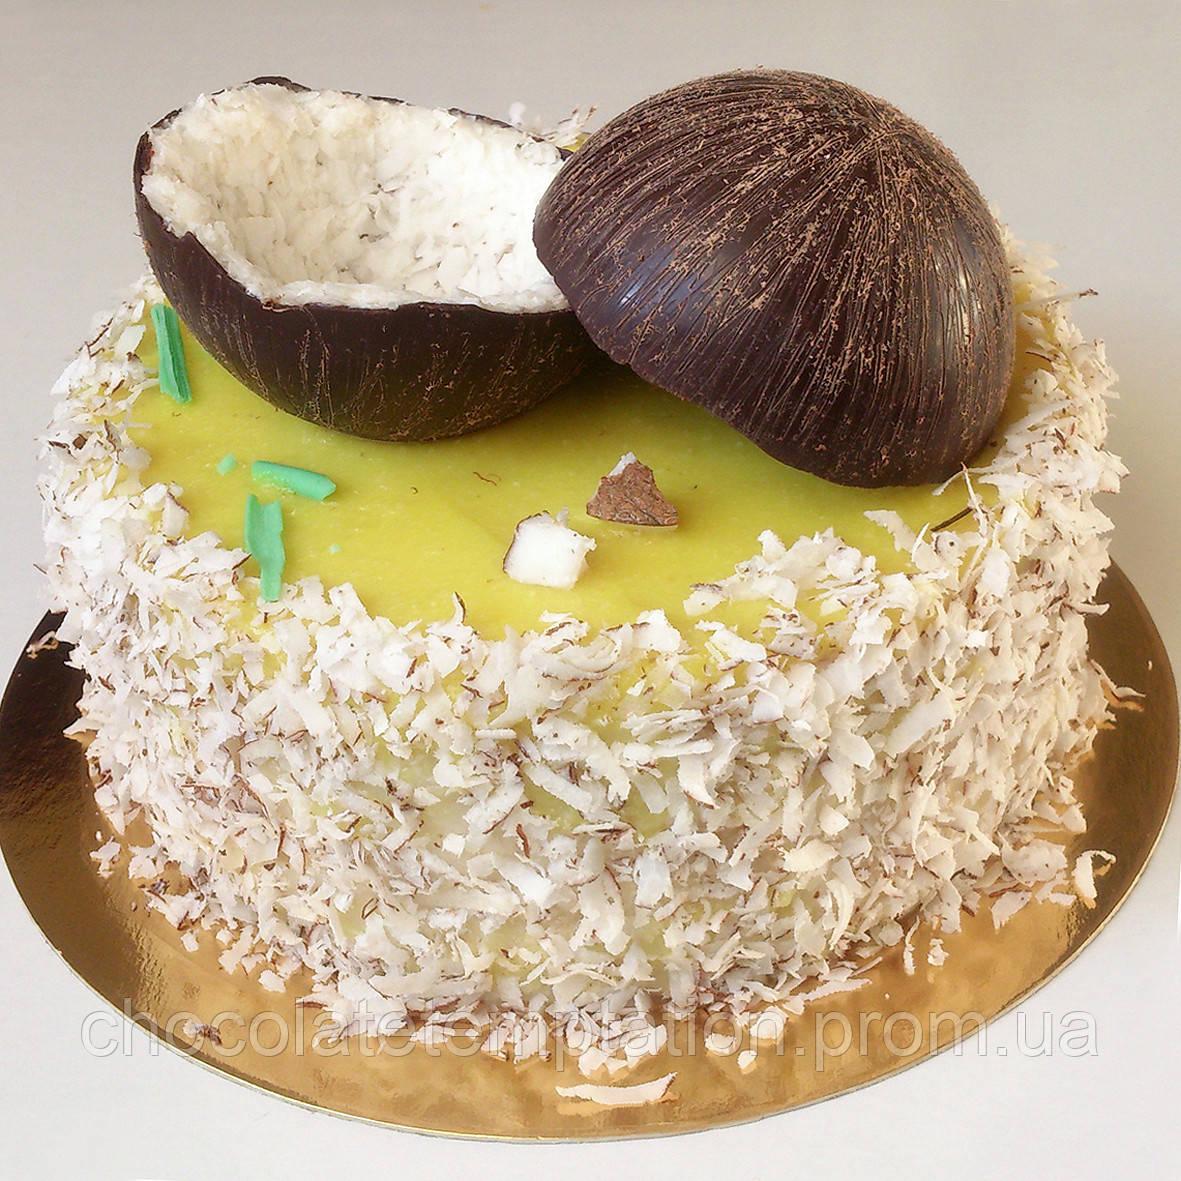 Постный кокосово-лимонный торт, фото 1